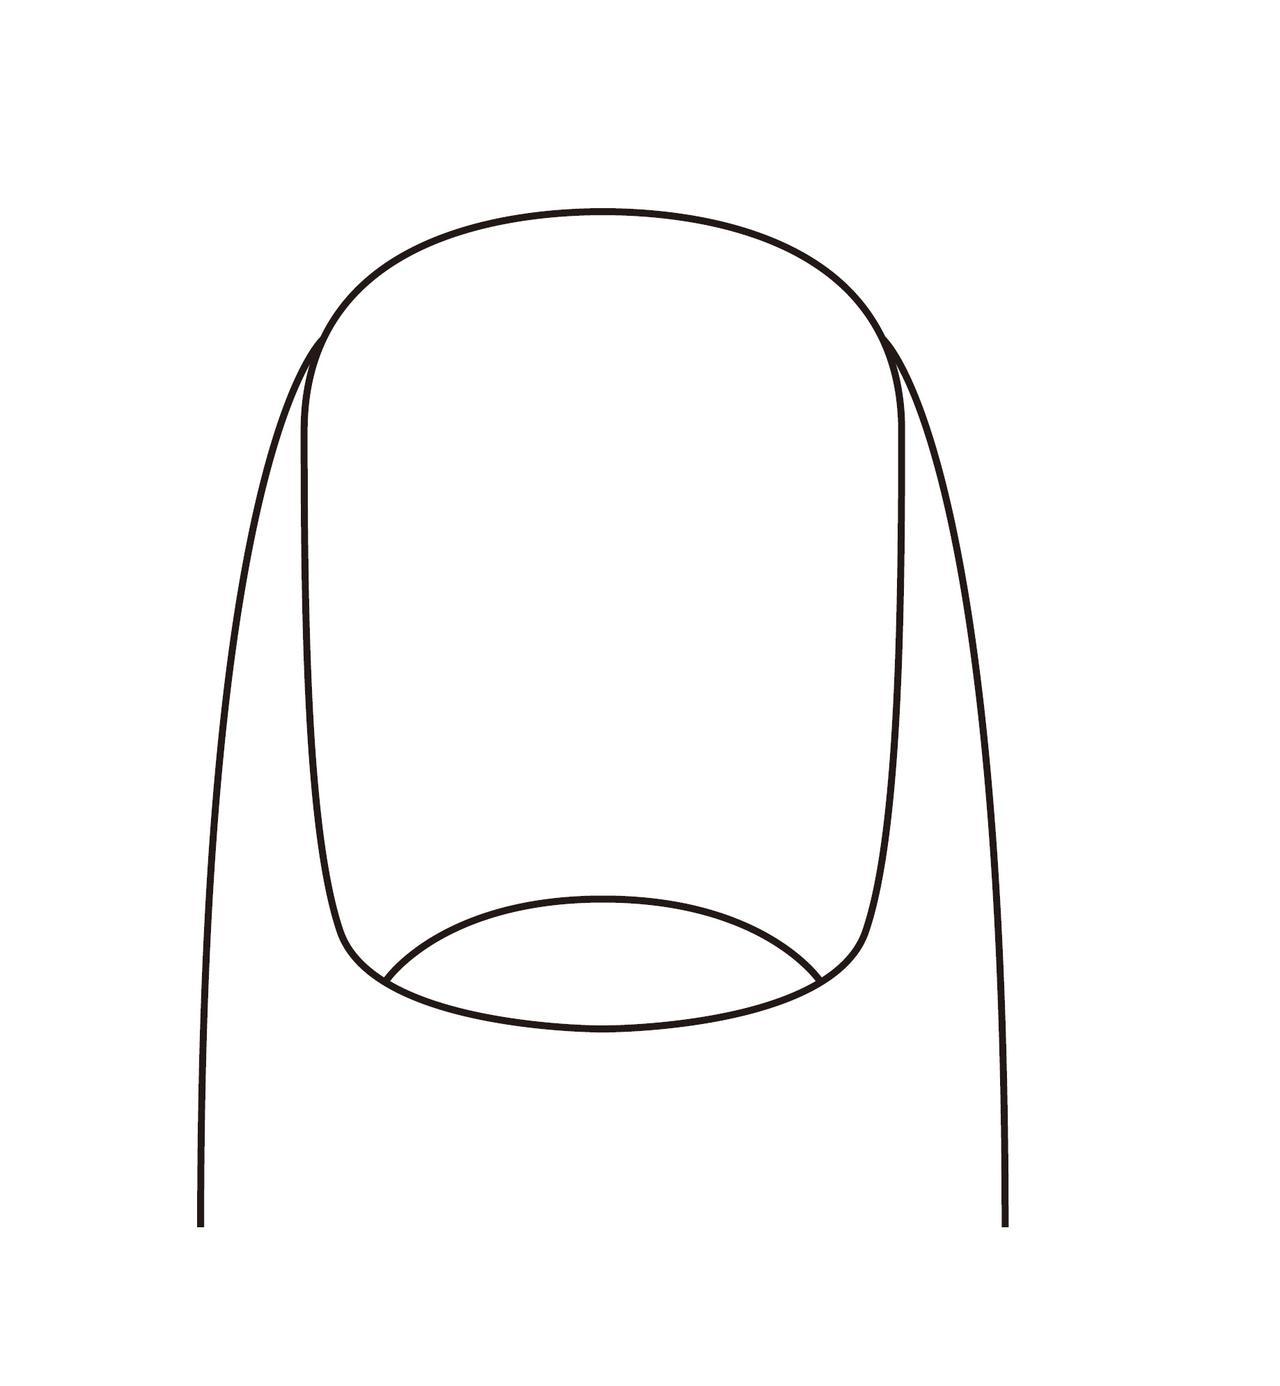 画像1: Q.どんな形に切るのがいい?